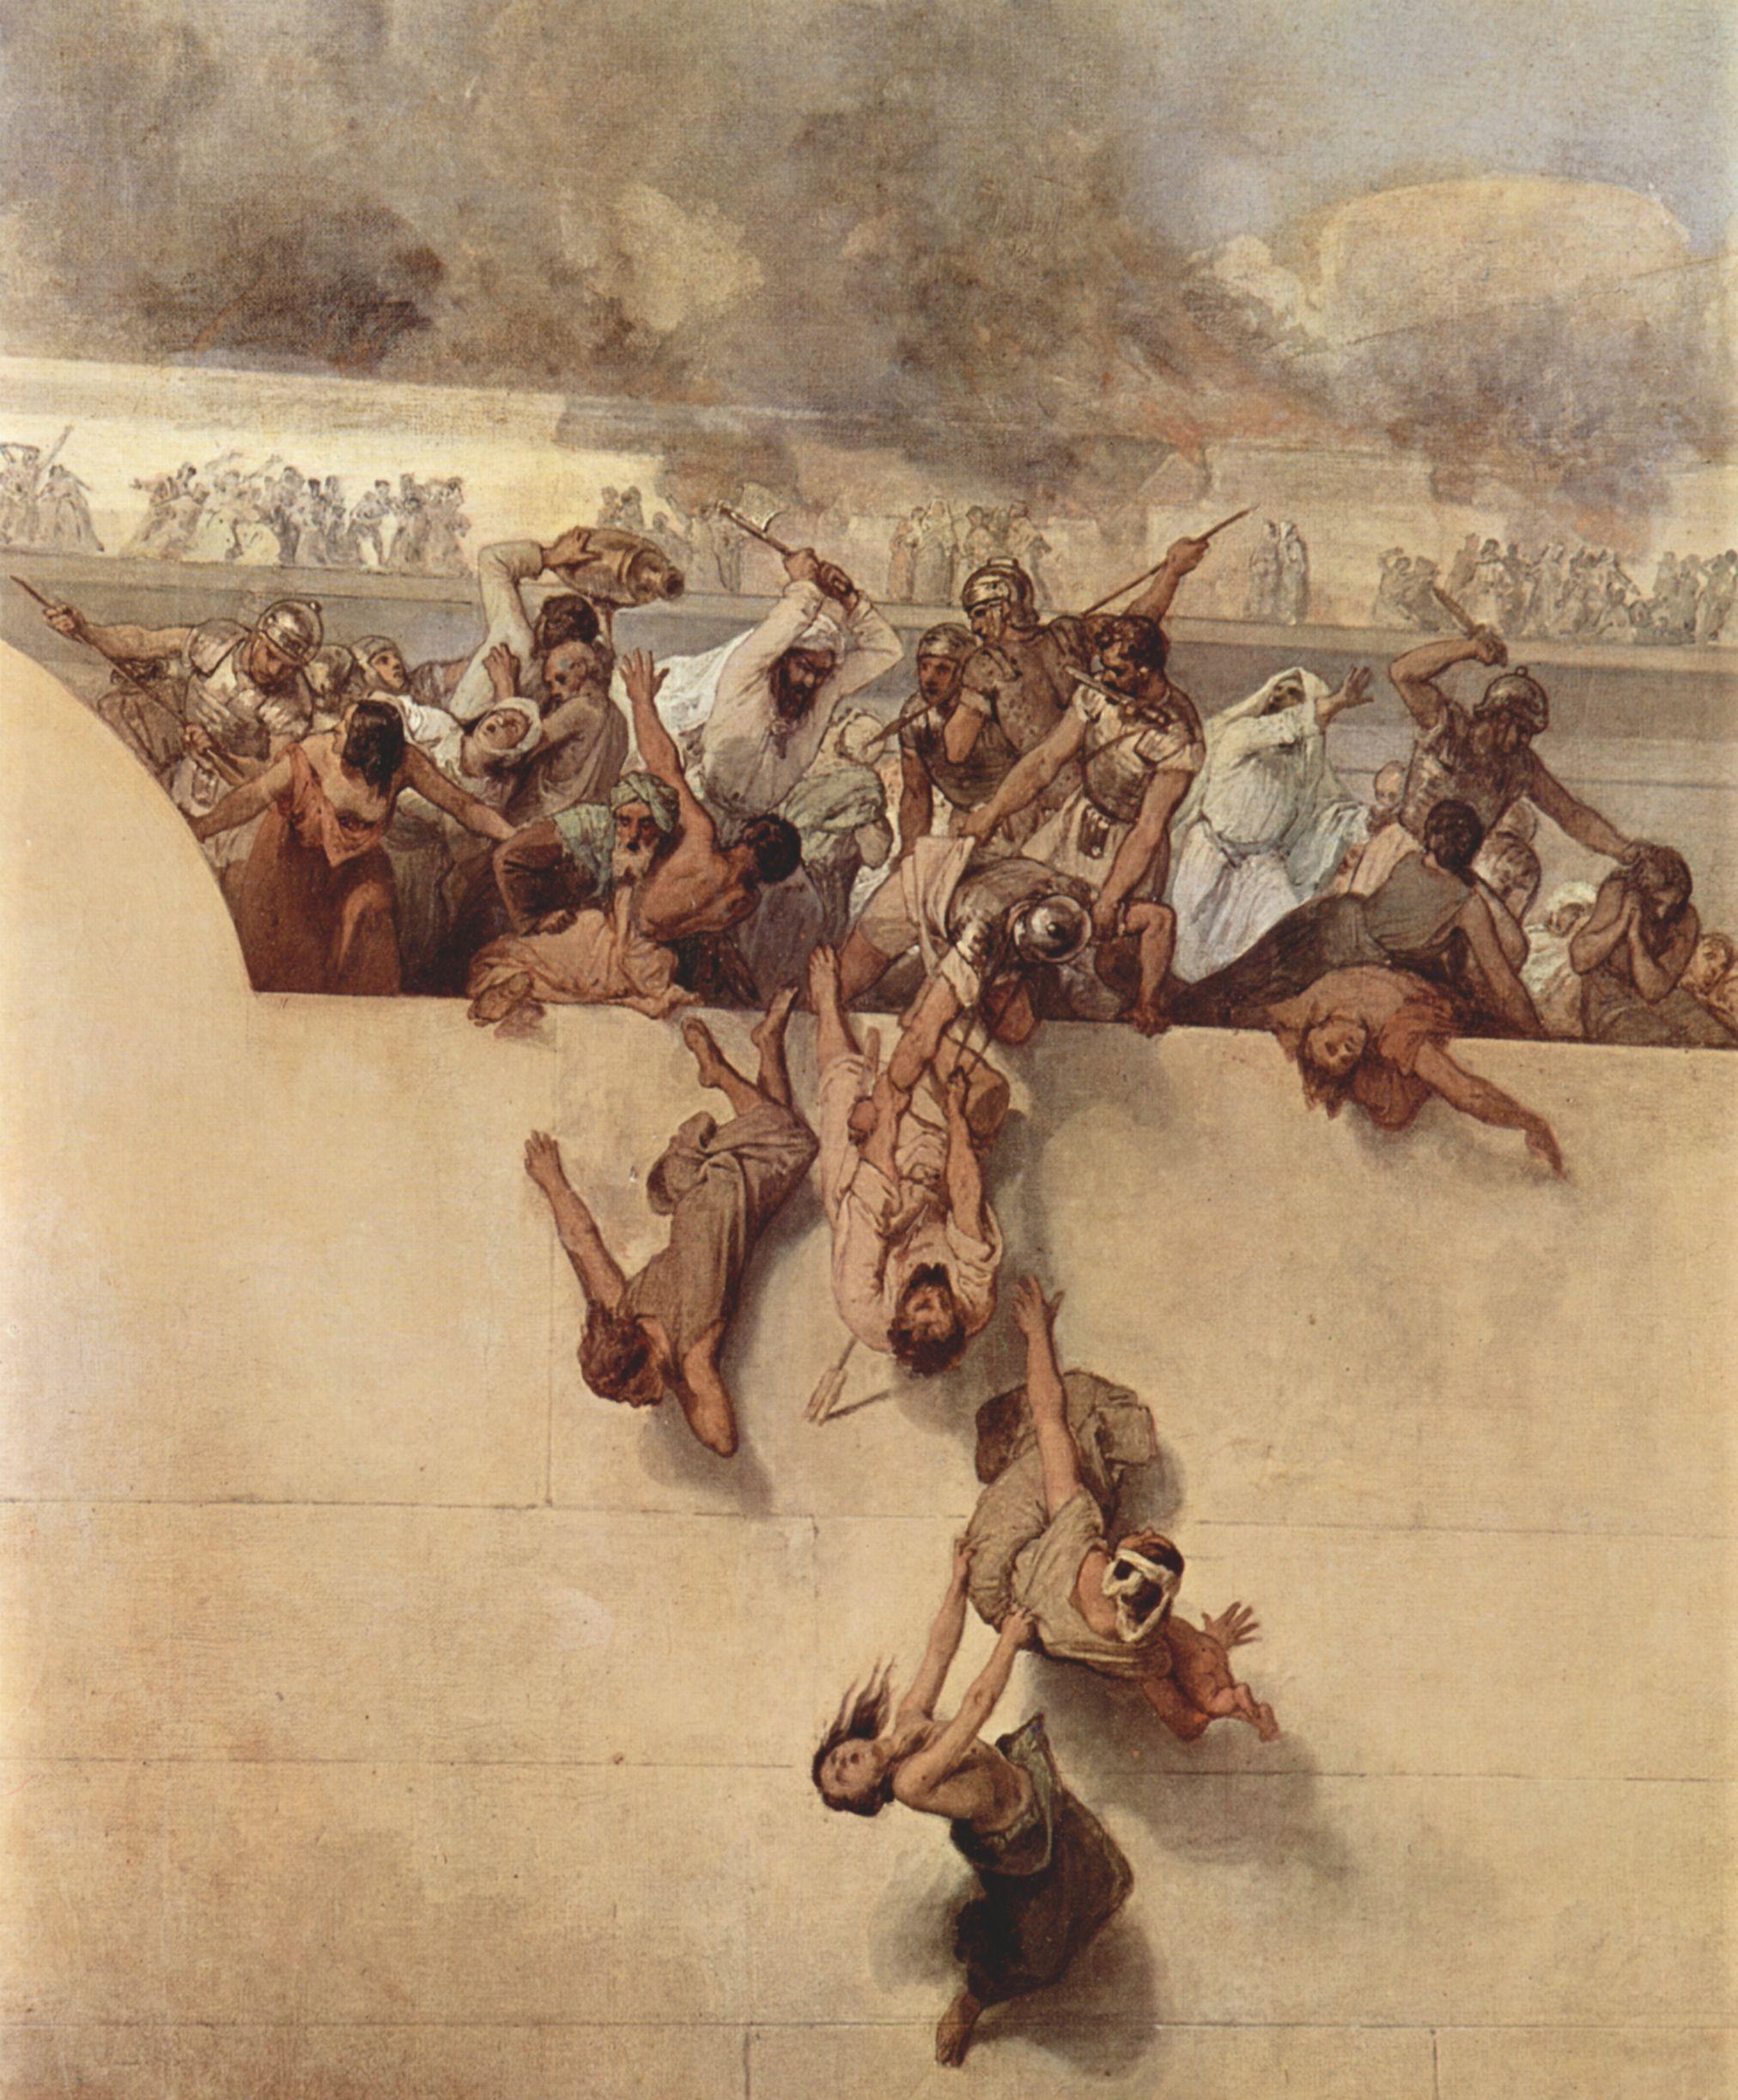 Еврейские ритуальные убийства и жертвоприношения